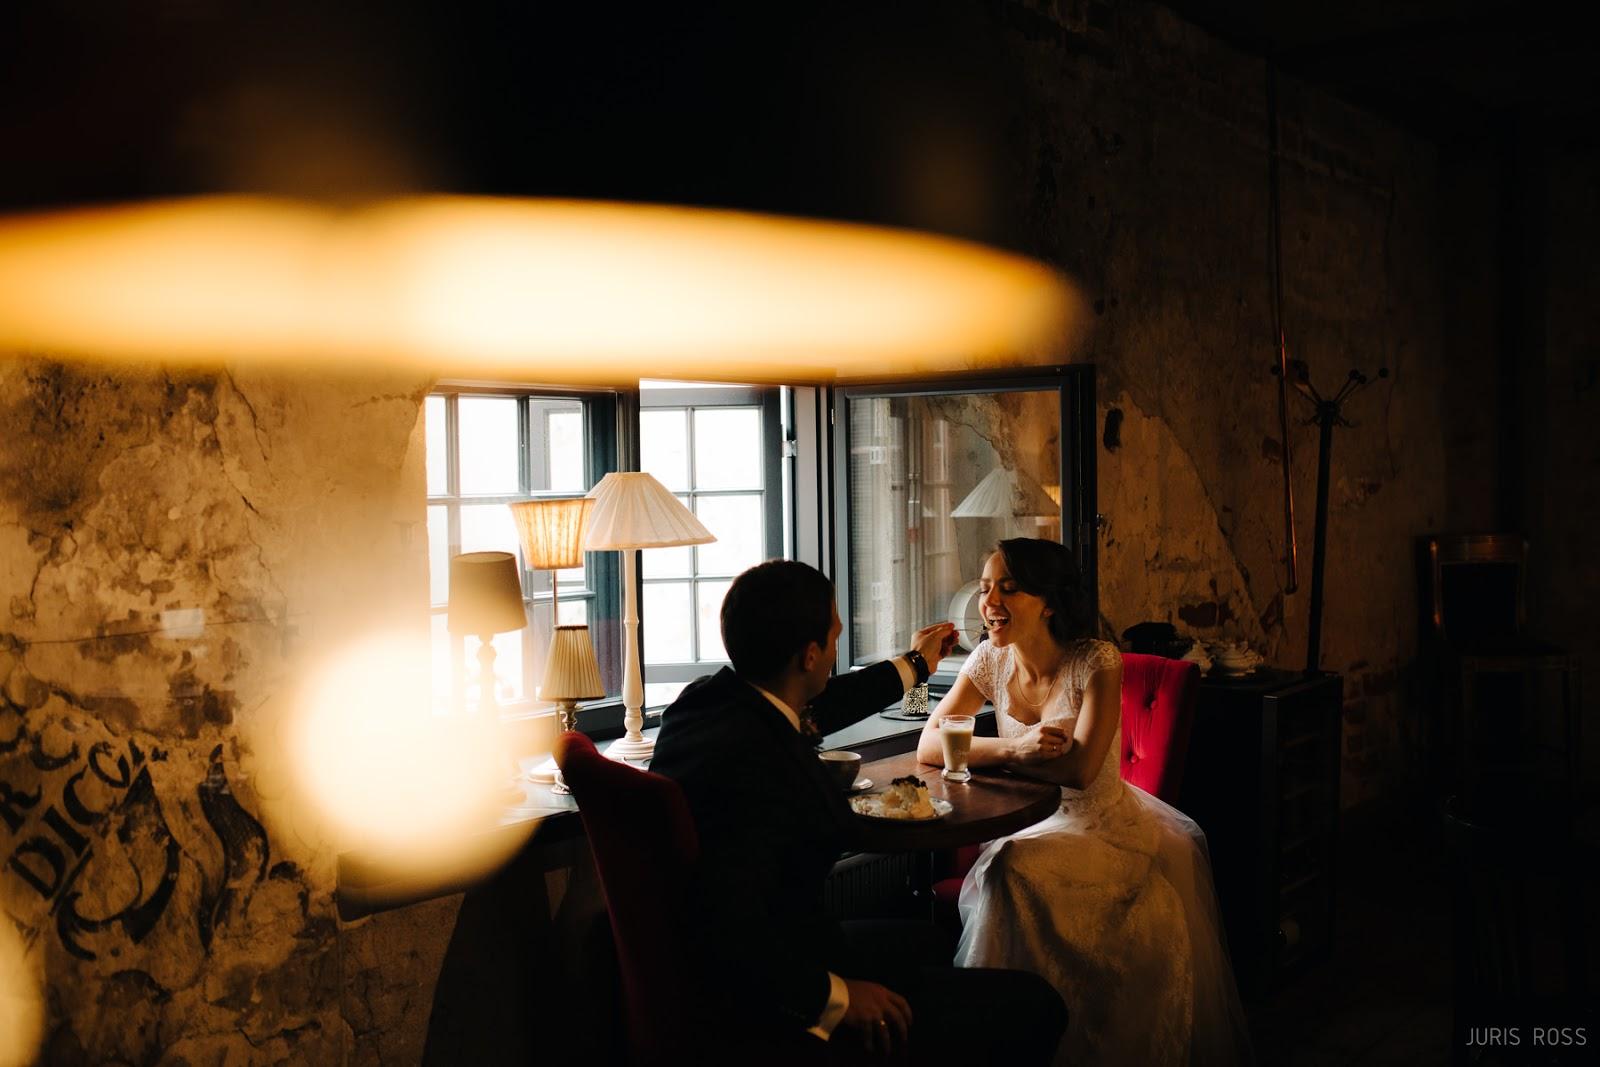 kāzu fotosesija vecrīgā kafejnīcā Parunāsim